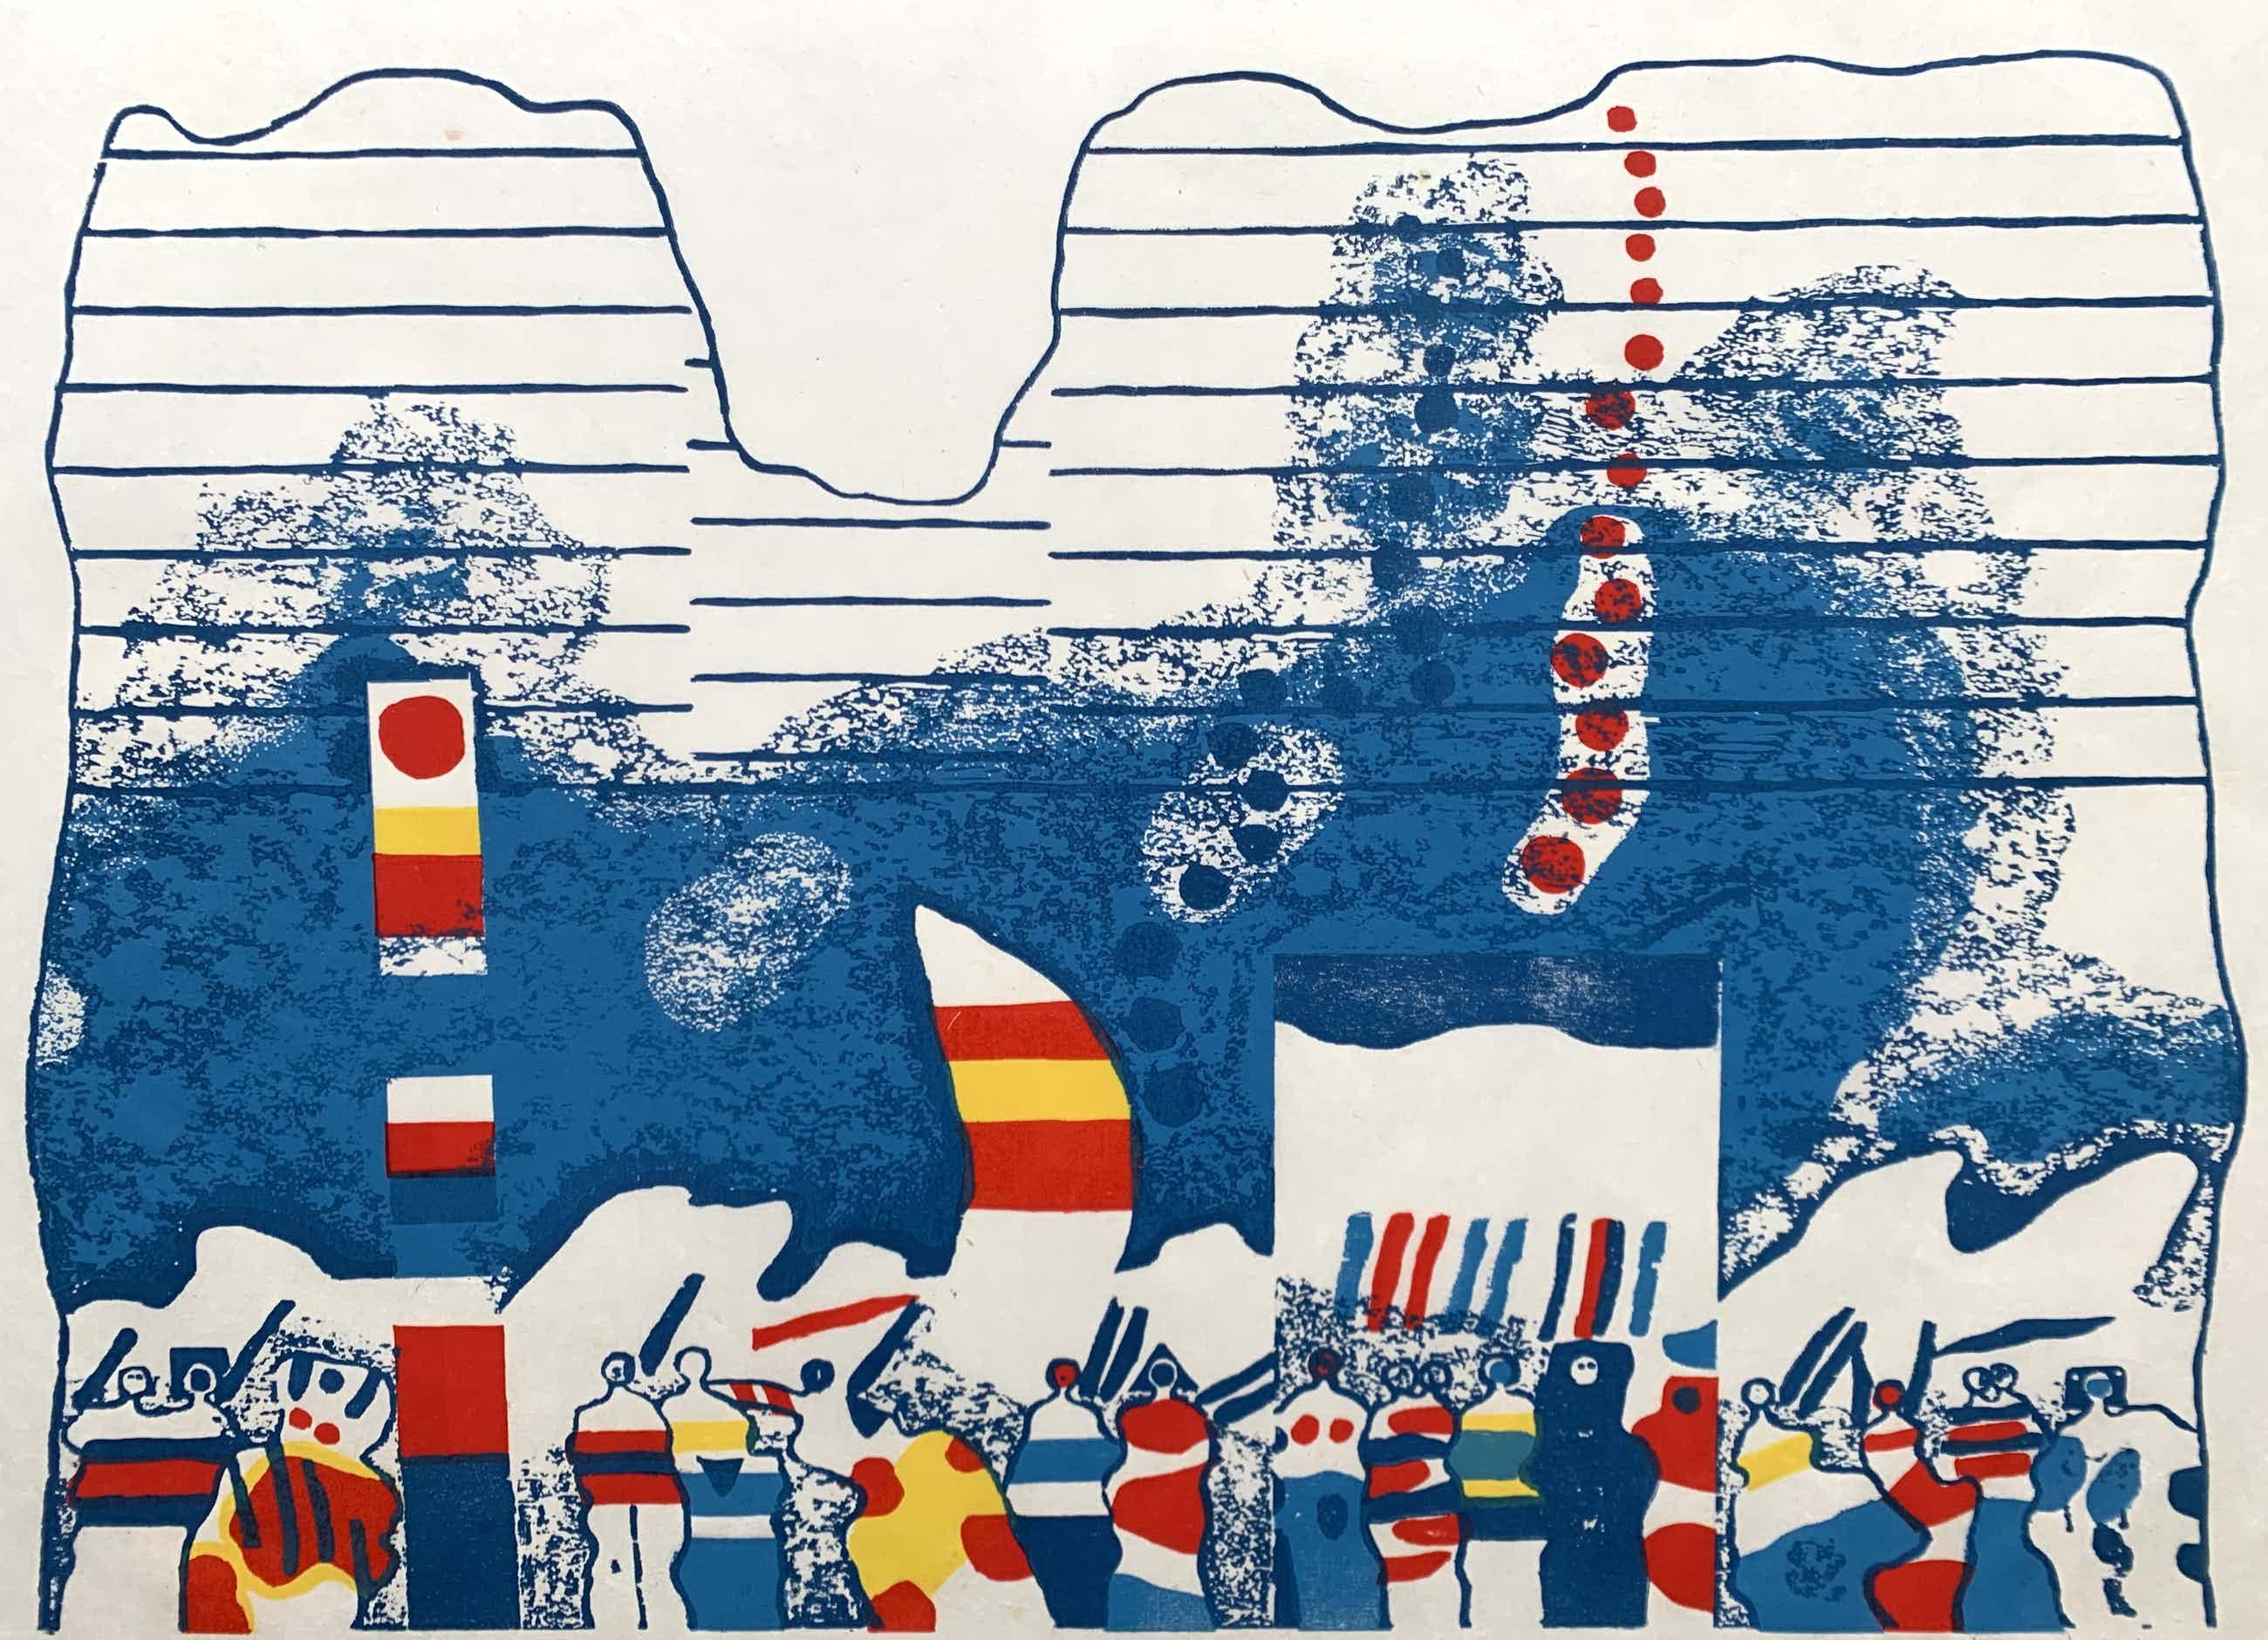 Jef Diederen - kleurenhoutsnede op rijstpapier - 'Blauw - 14 IX '74' - 1974 kopen? Bied vanaf 100!